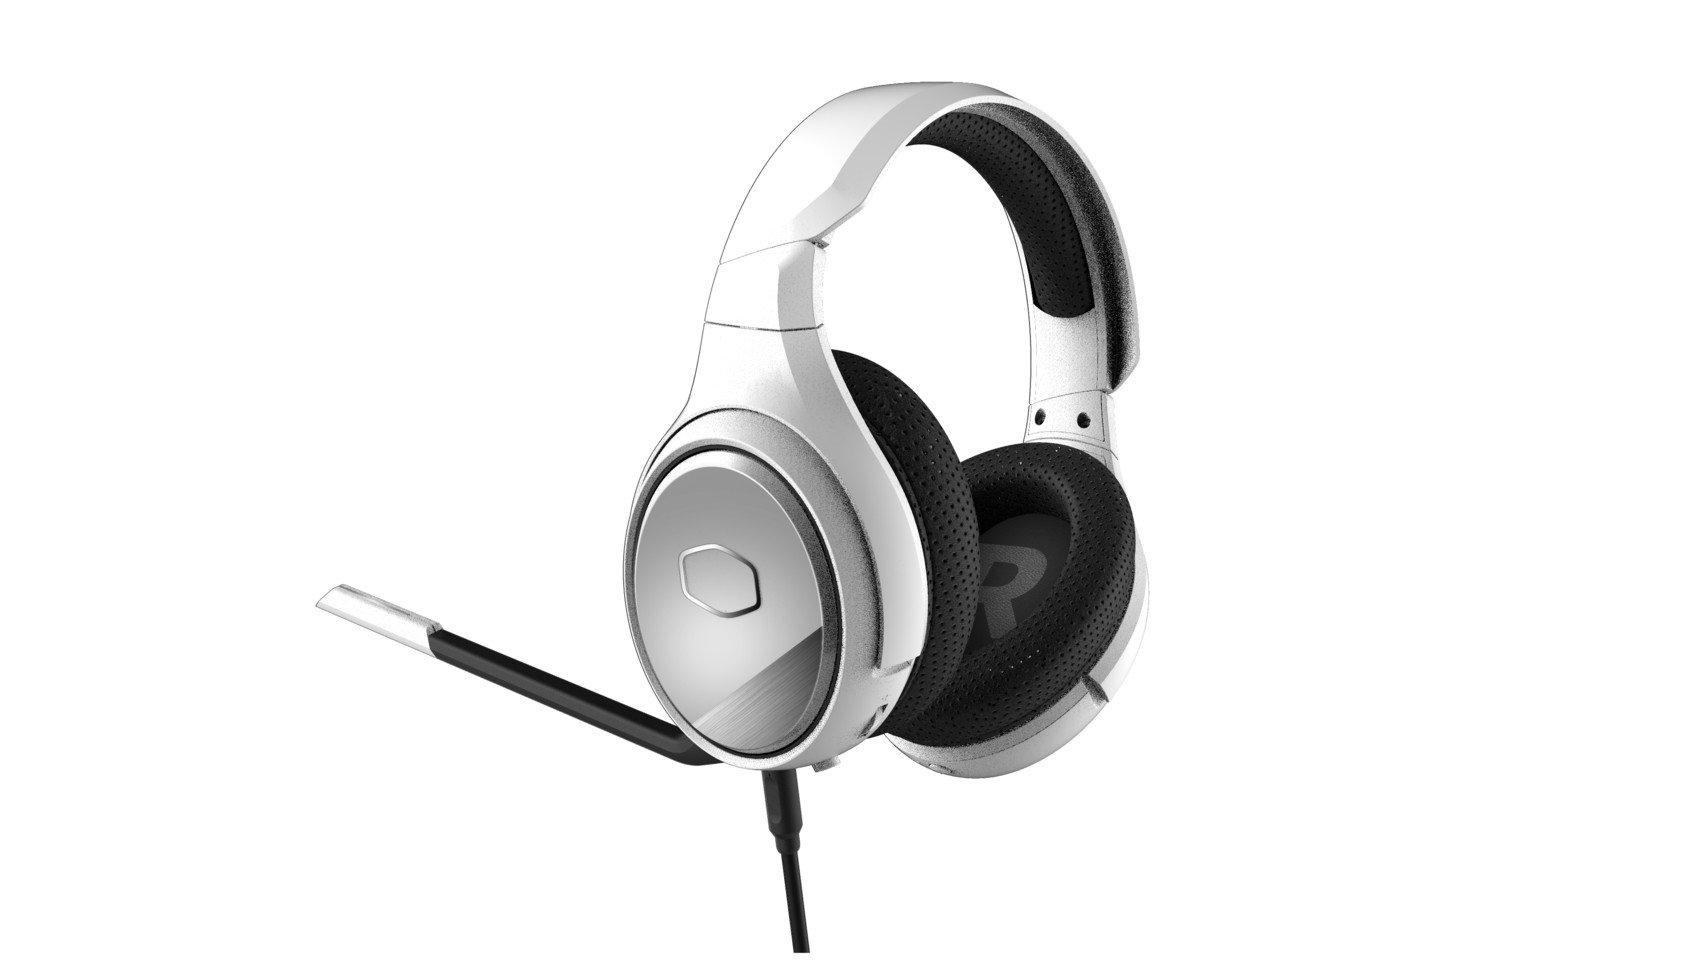 Cooler Master trình làng 3 mẫu tai nghe gaming MH670, MH650 và MH630